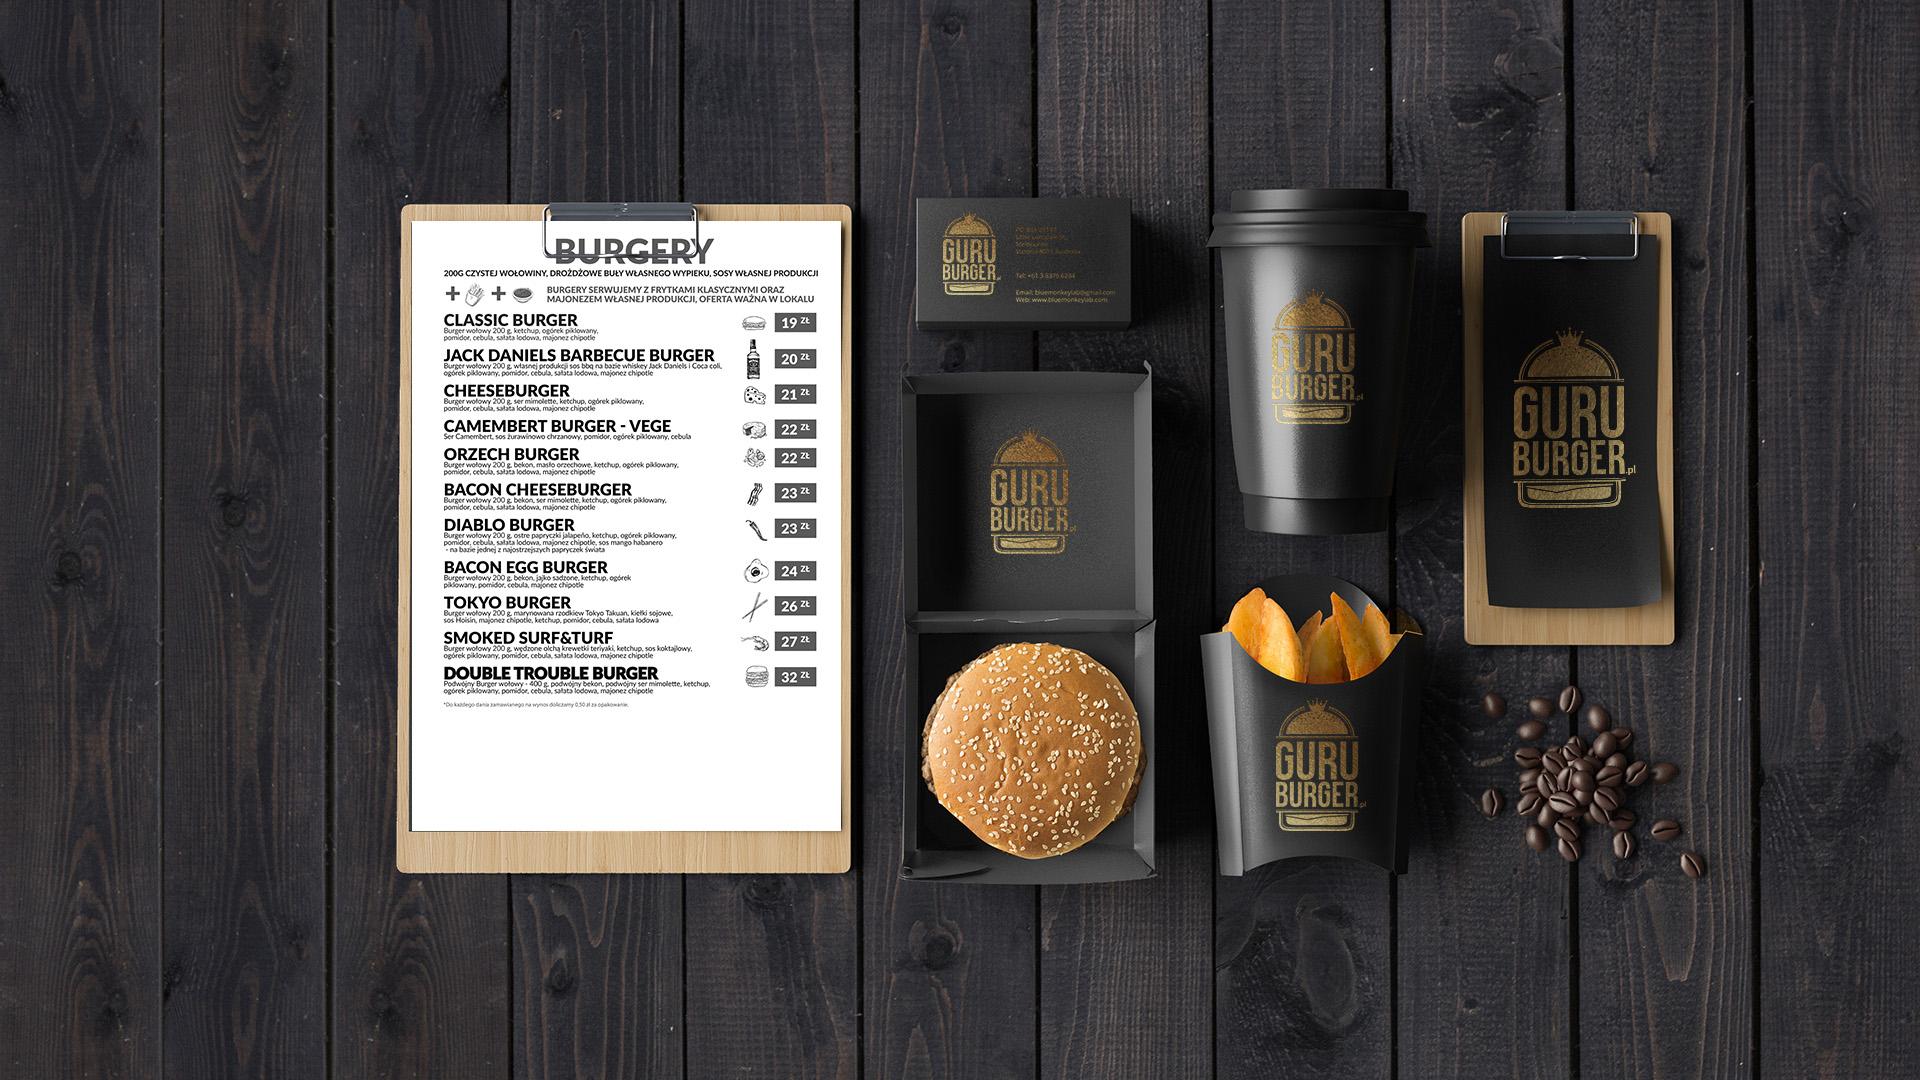 burger-identyfikacja-wizualna-gastronomia-dsnstudi-stuido-graficzne